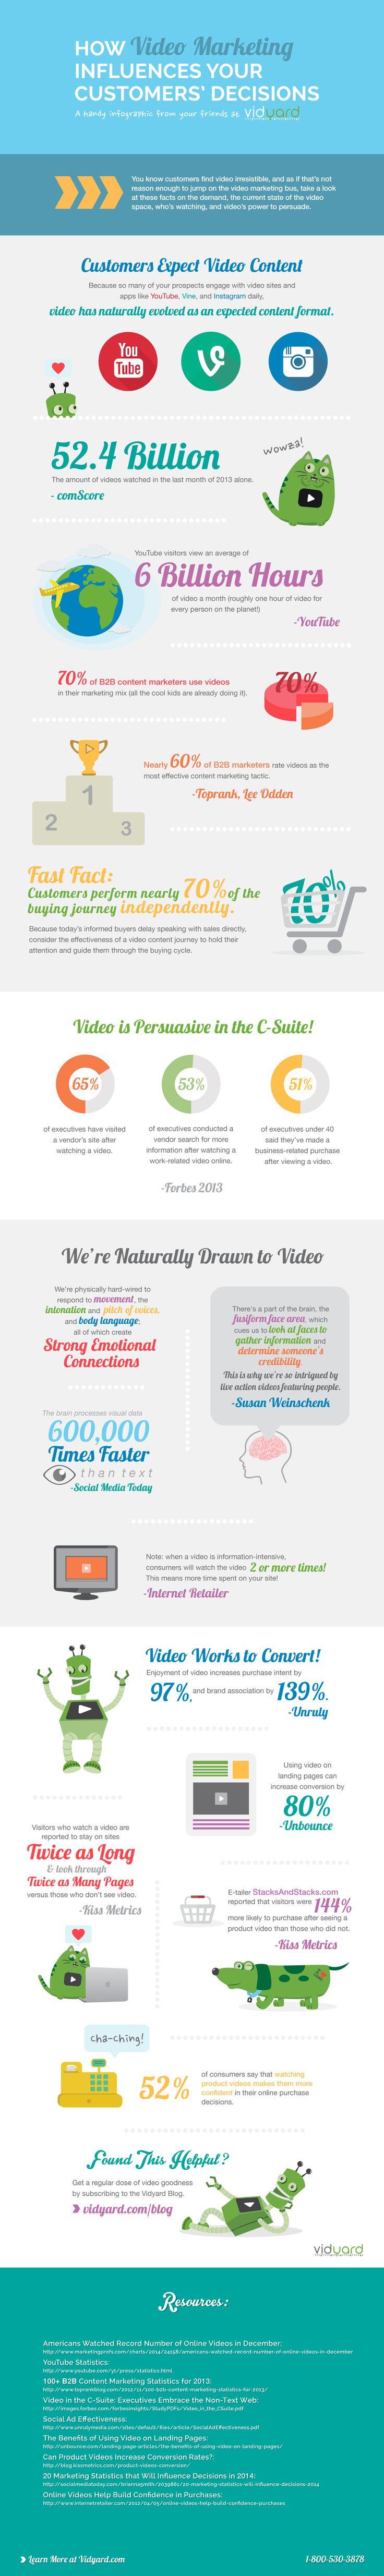 Comment les vidéos marketing influencent vos clients ? - BtoBMarketers.fr